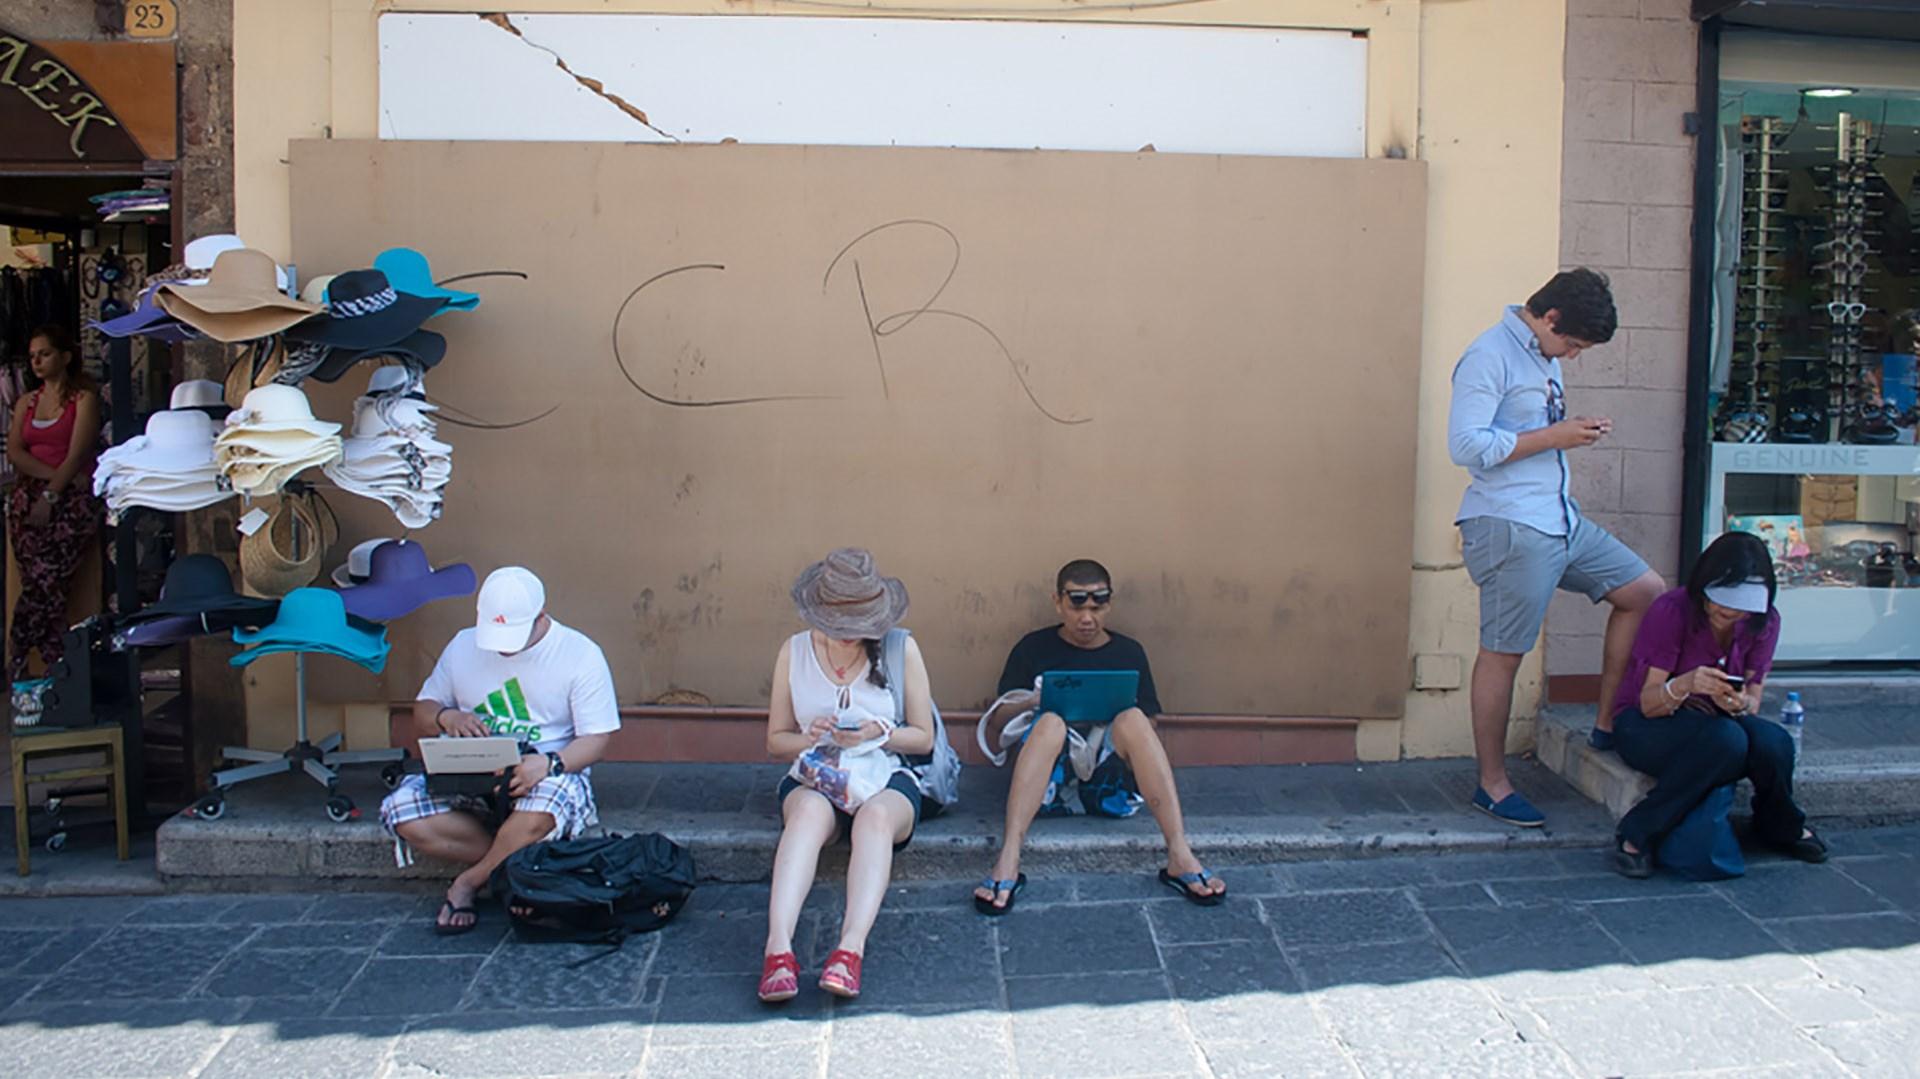 WiFi users